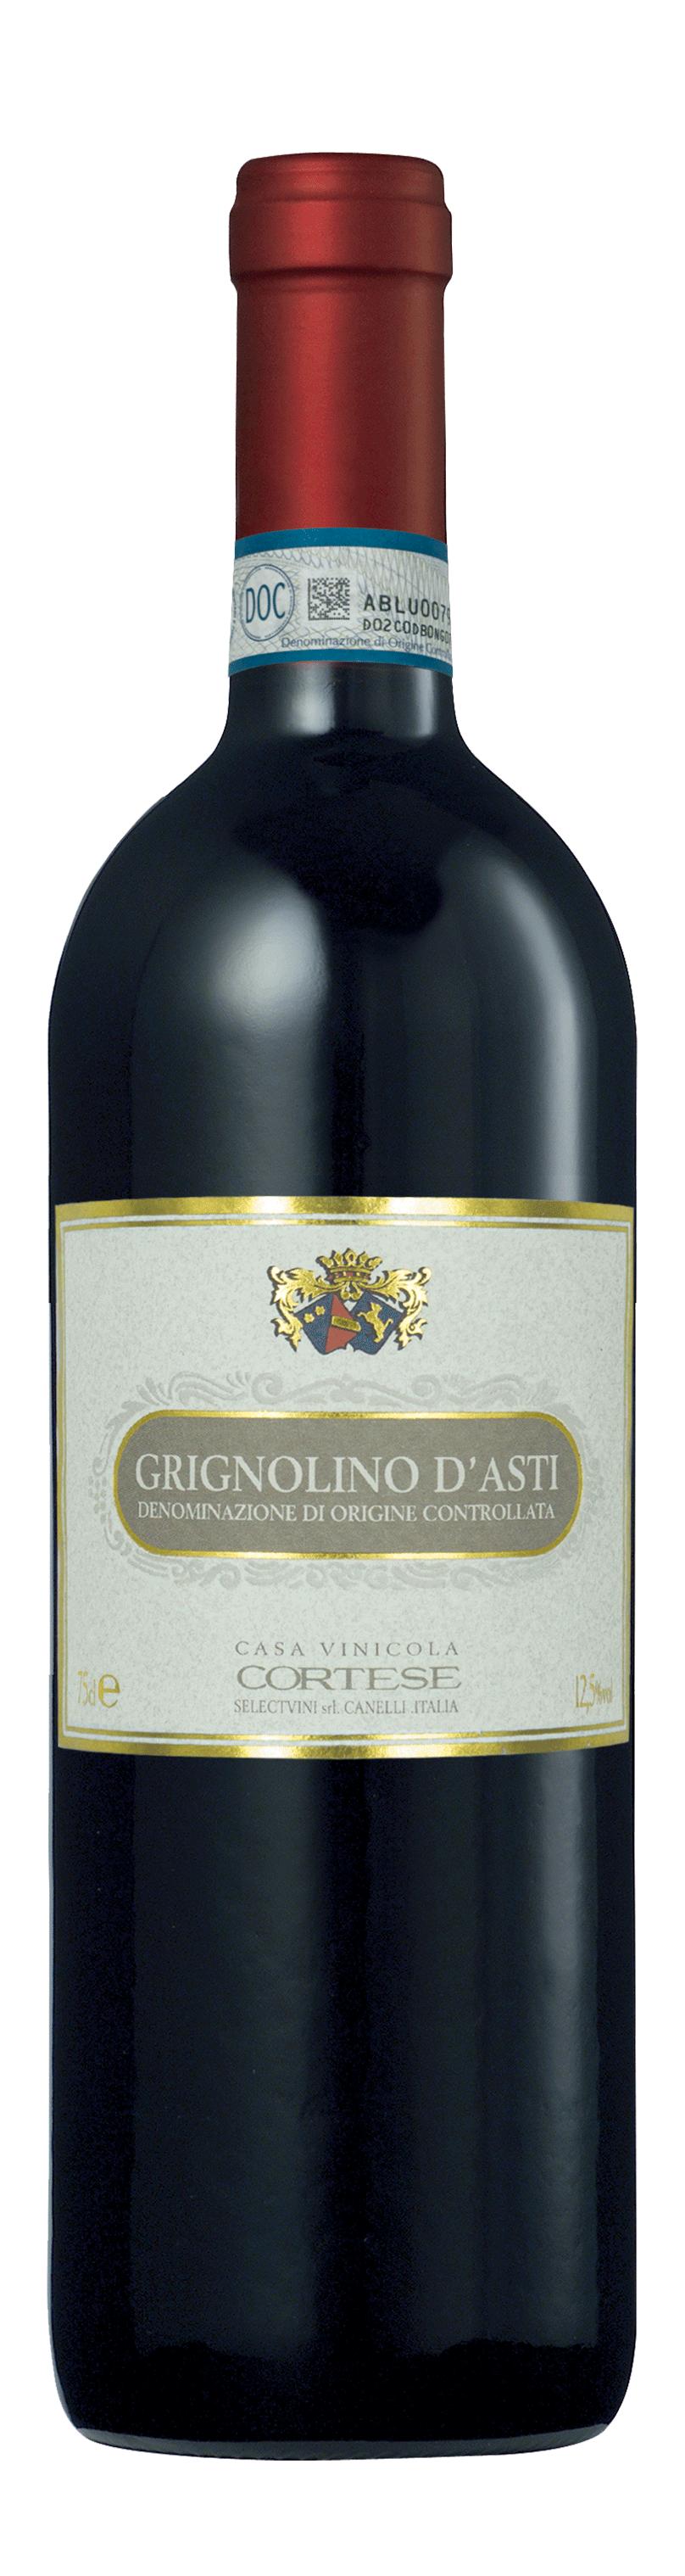 grignolinodasti-cortese